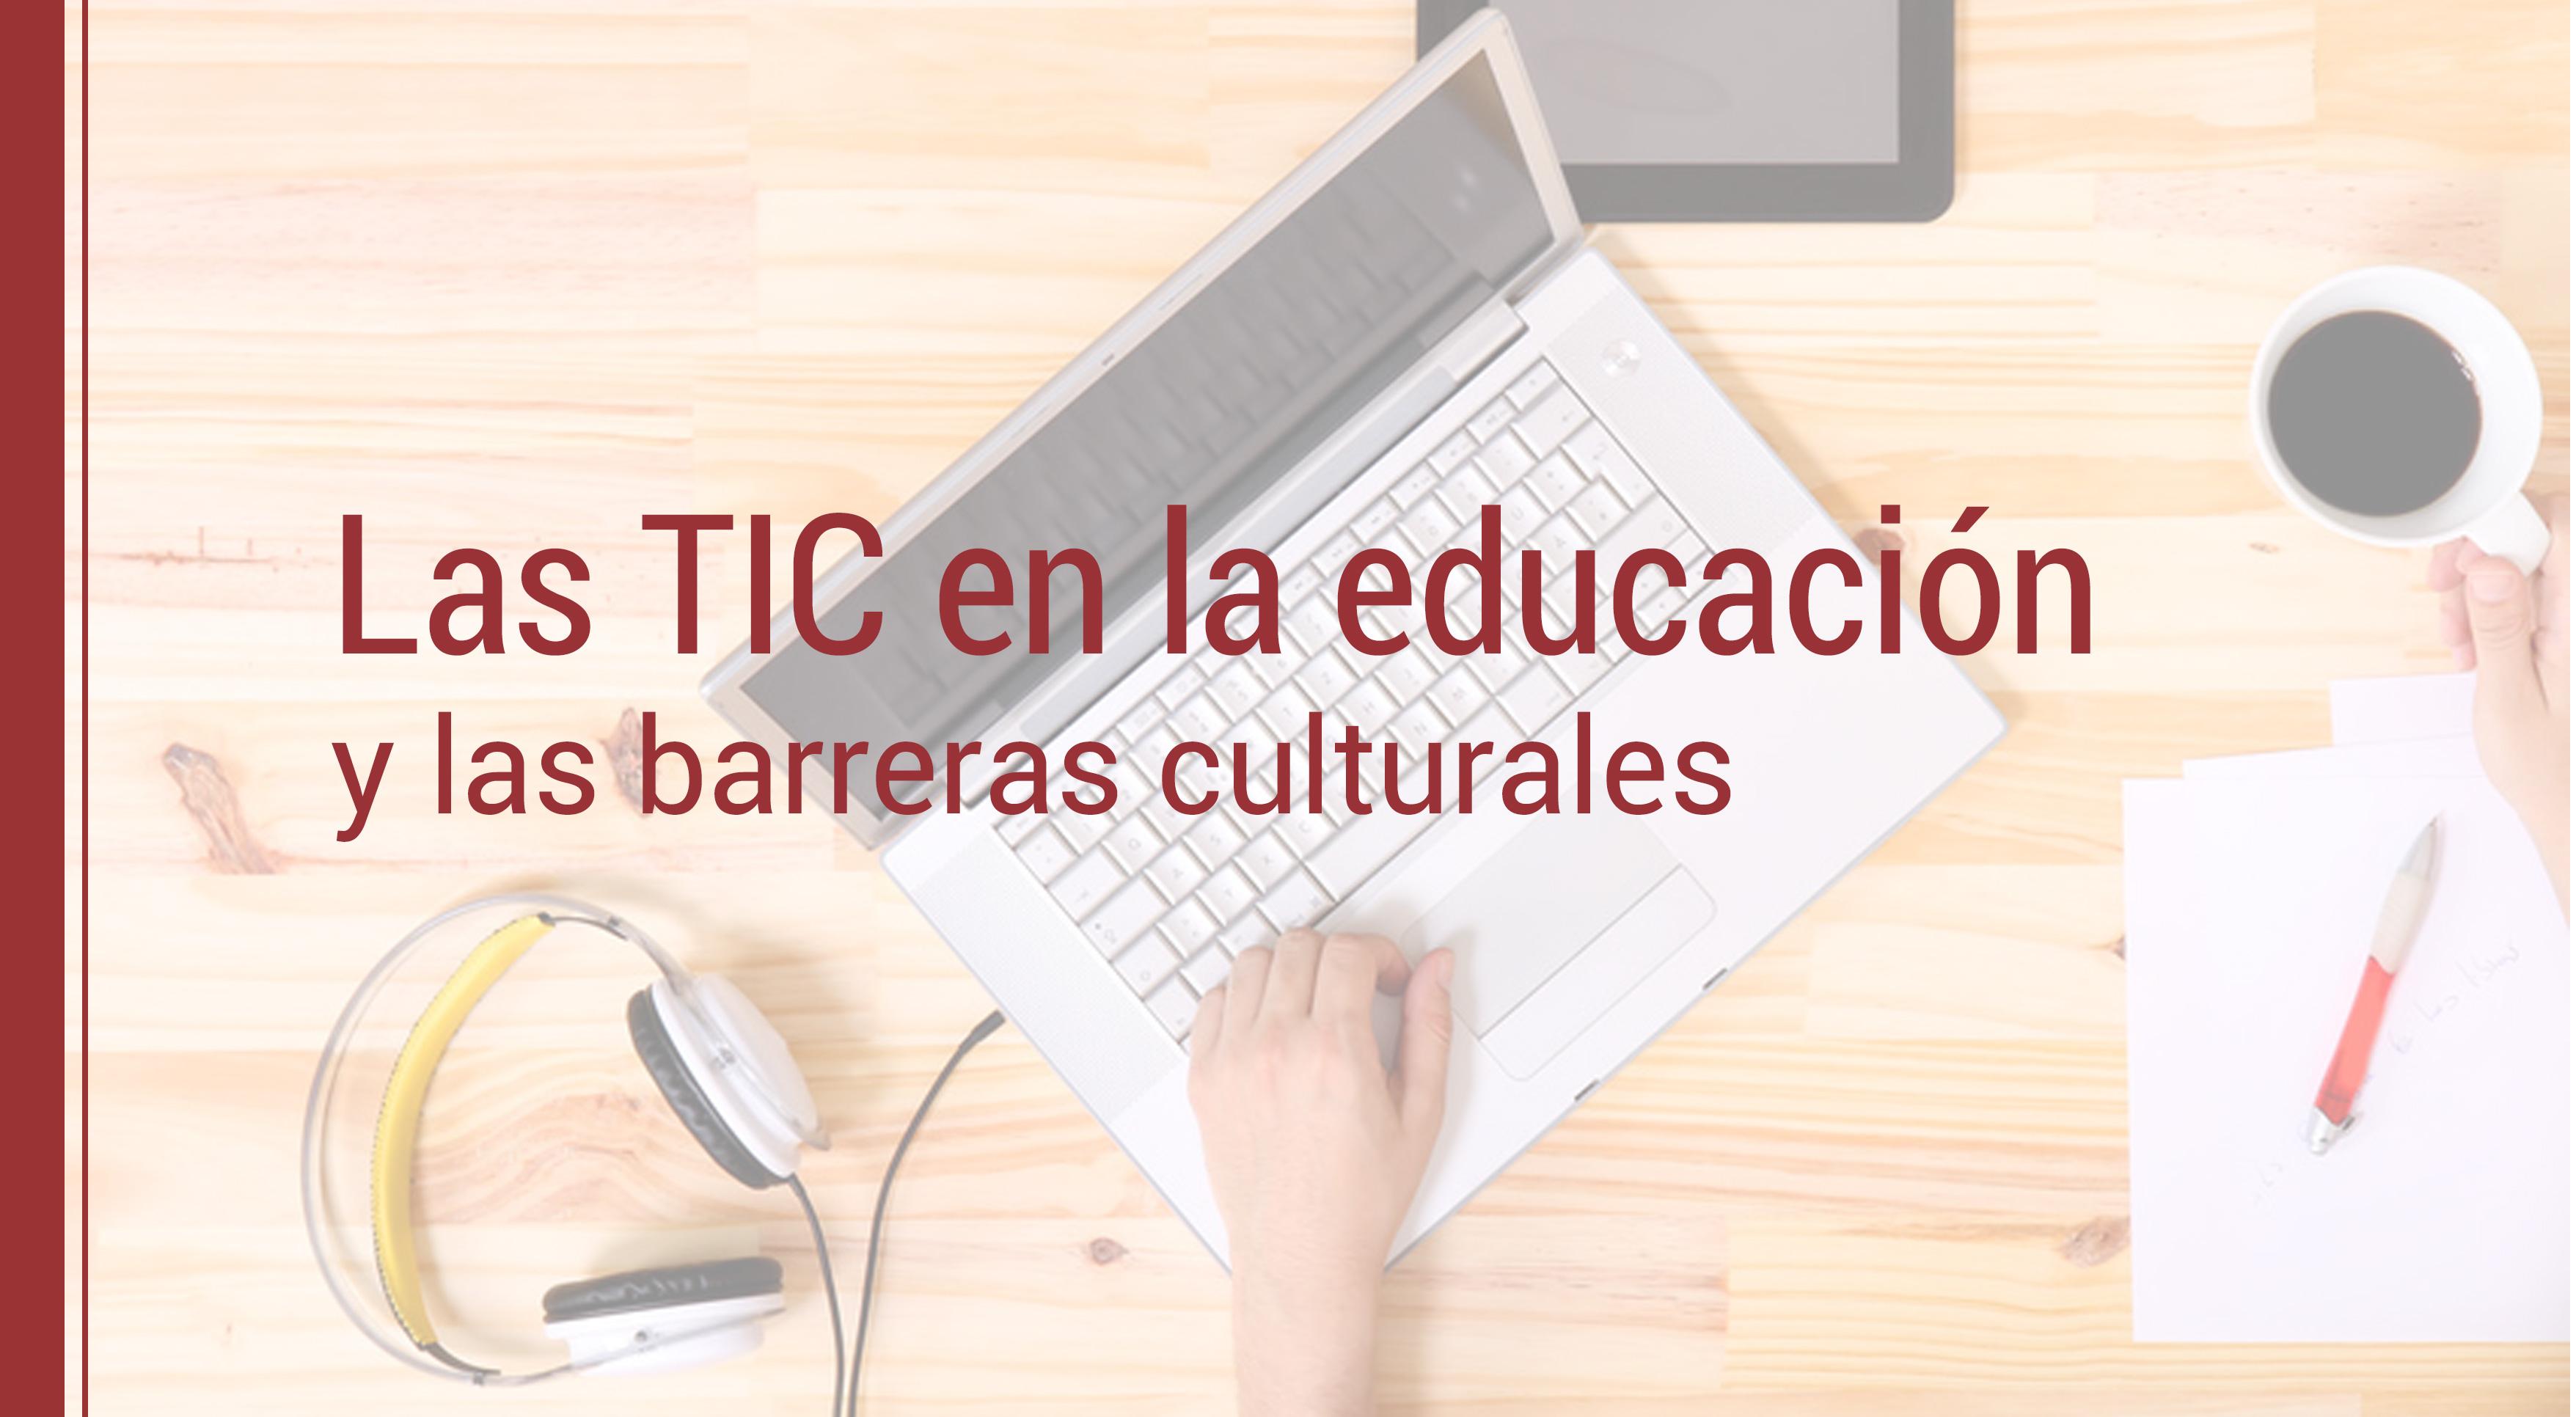 tic-educacion-barreras-culturales Las TIC en la educación y las barreras culturales